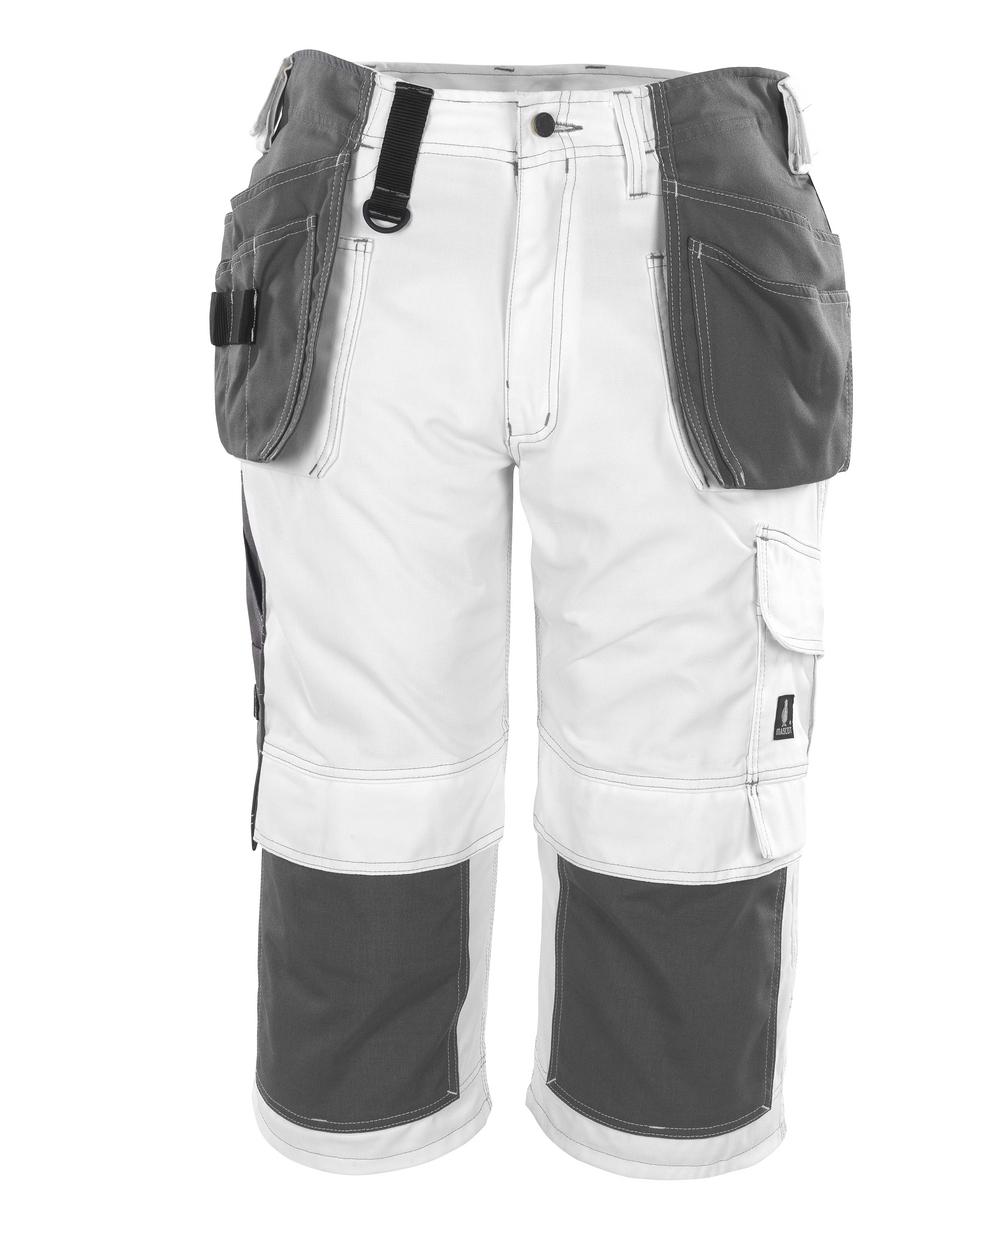 08349-154-06 Pantalones con longitud de ¾ con bolsillos para rodilleras y bolsillos tipo funda - blanco